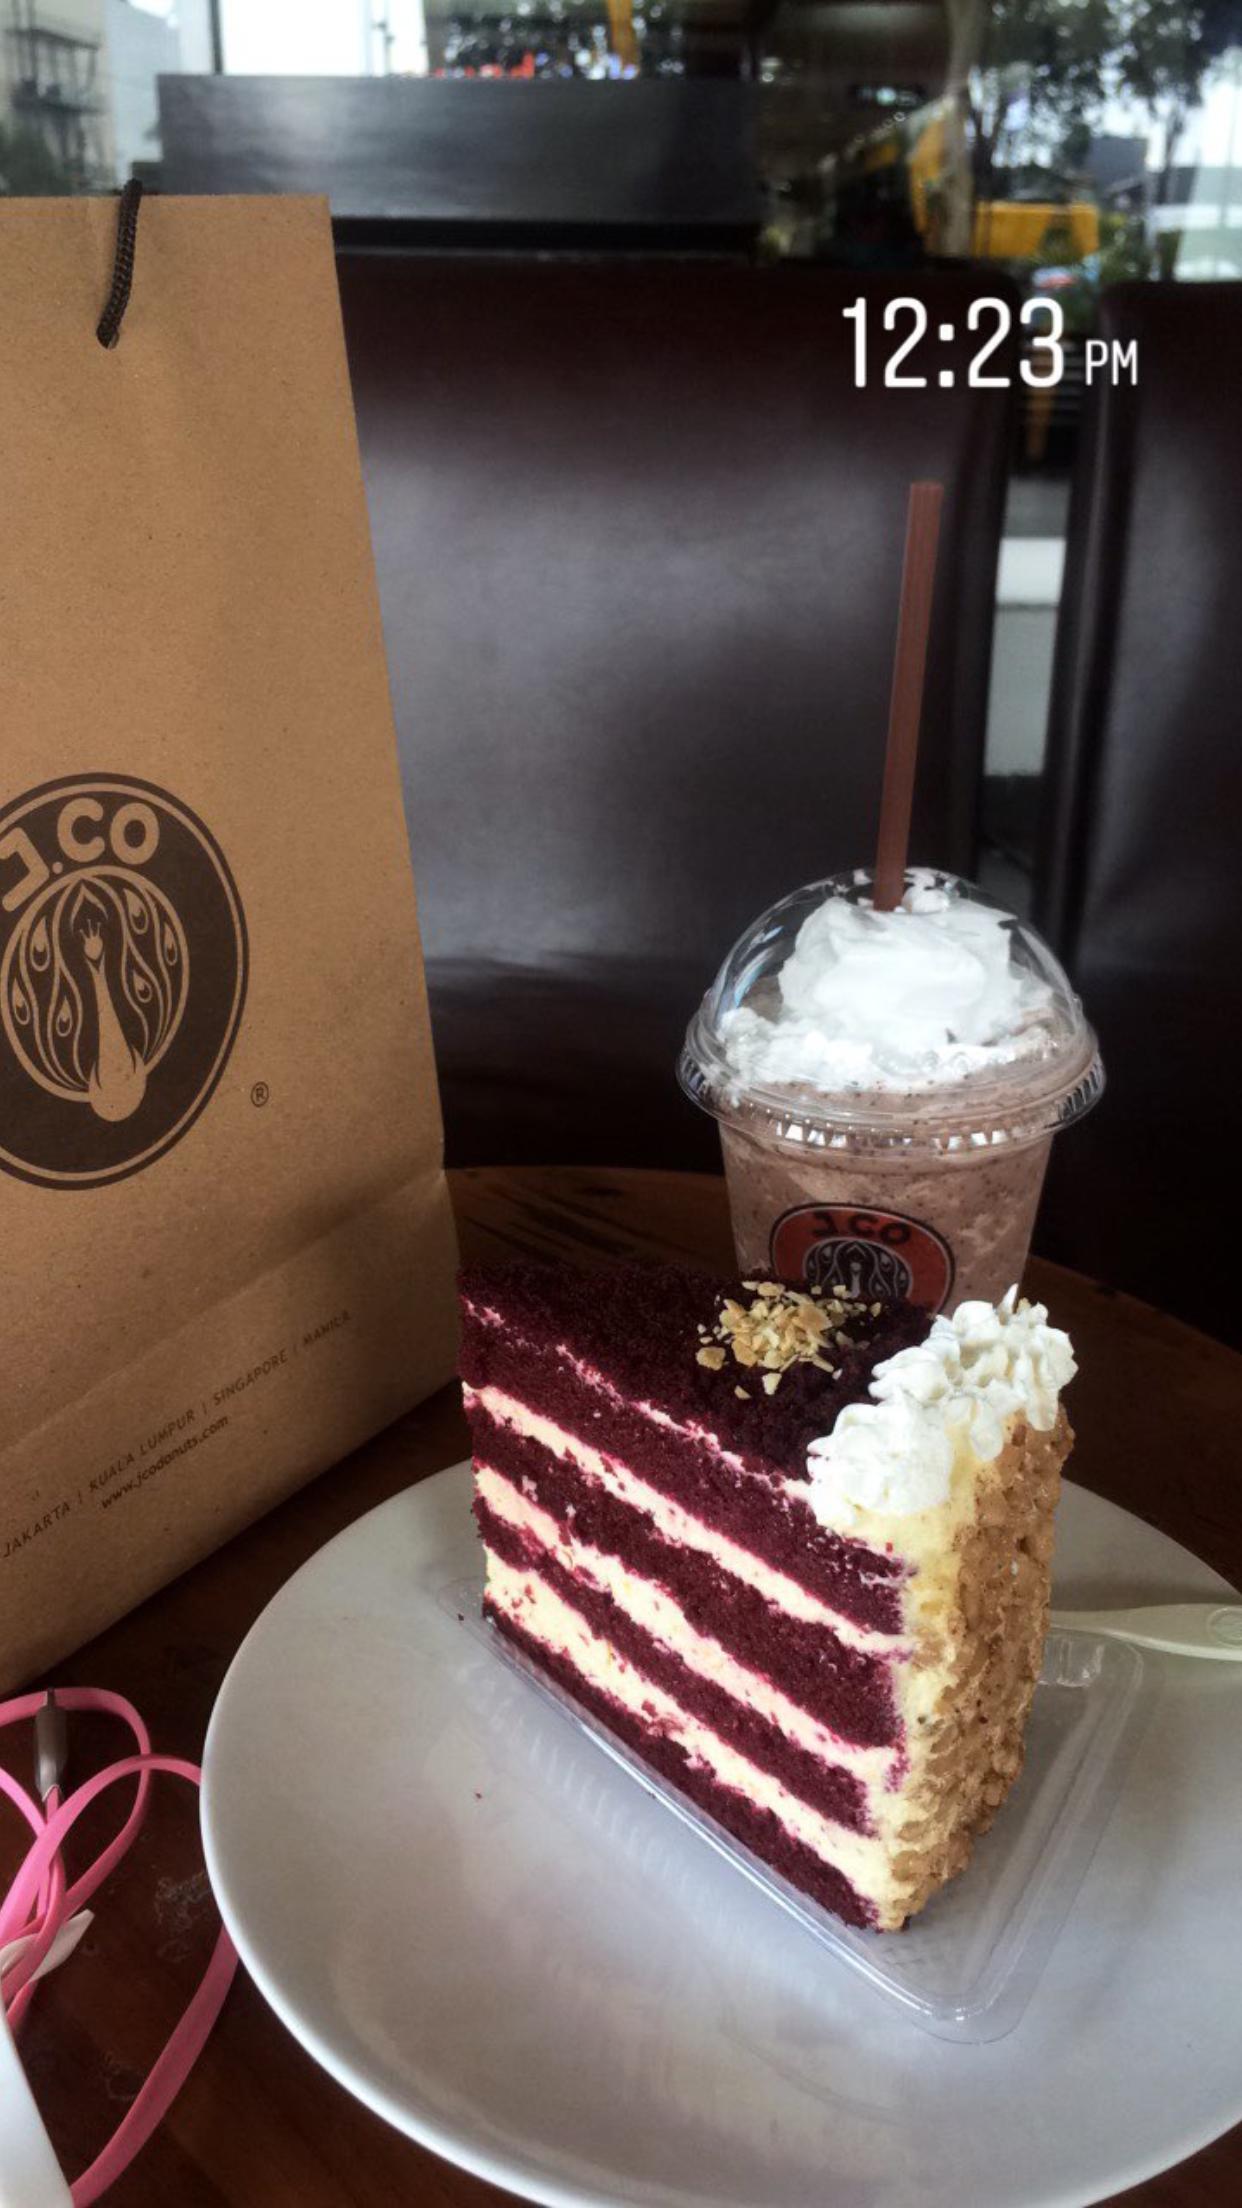 Coffee Mug Cakes In 2020 Snap Food Food Snapchat Food Cravings